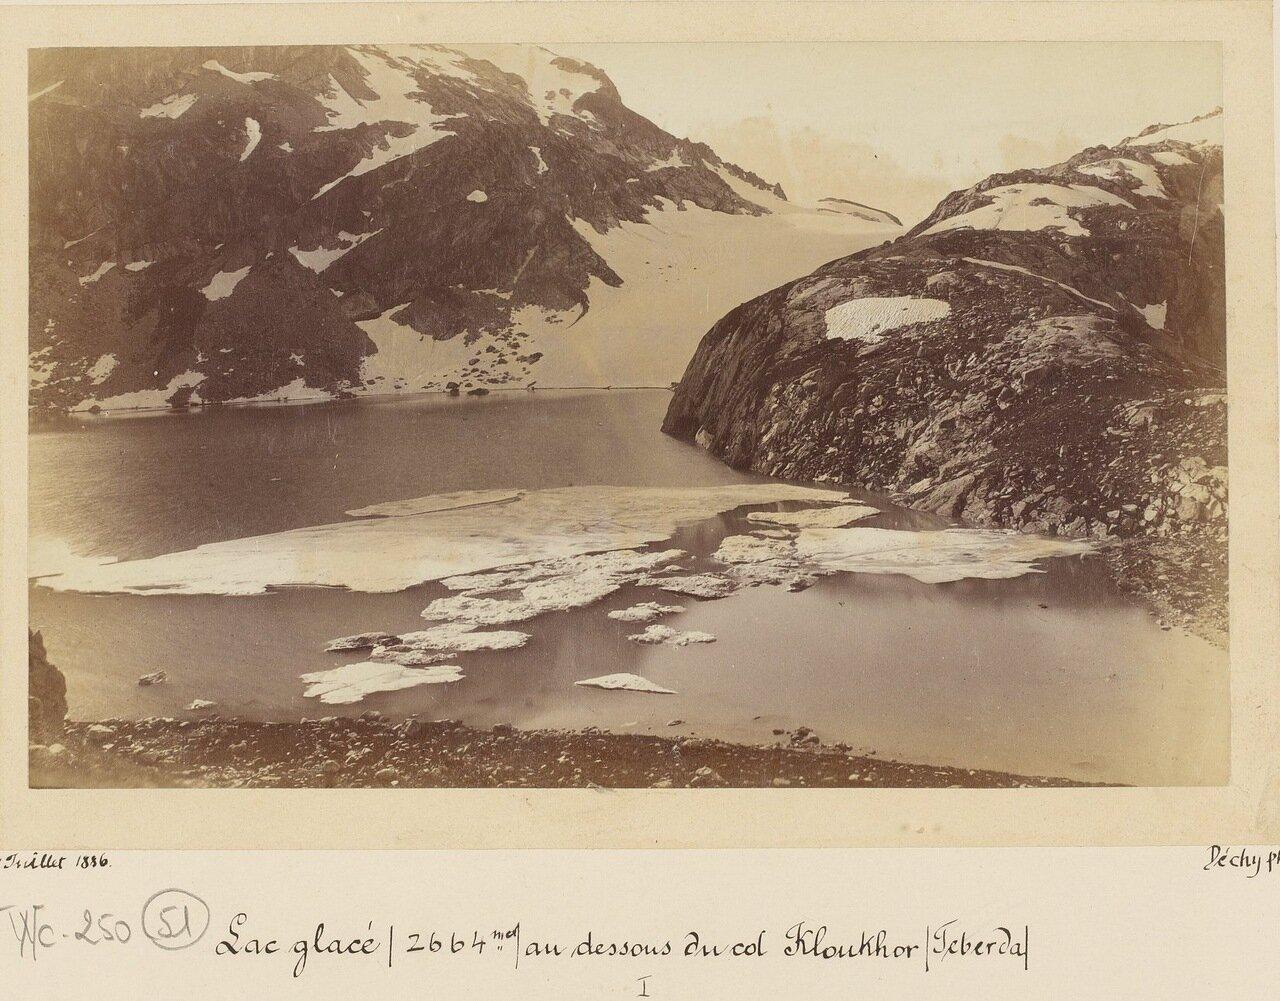 Замерзшее озеро (2664 м.) ниже перевала Клухор